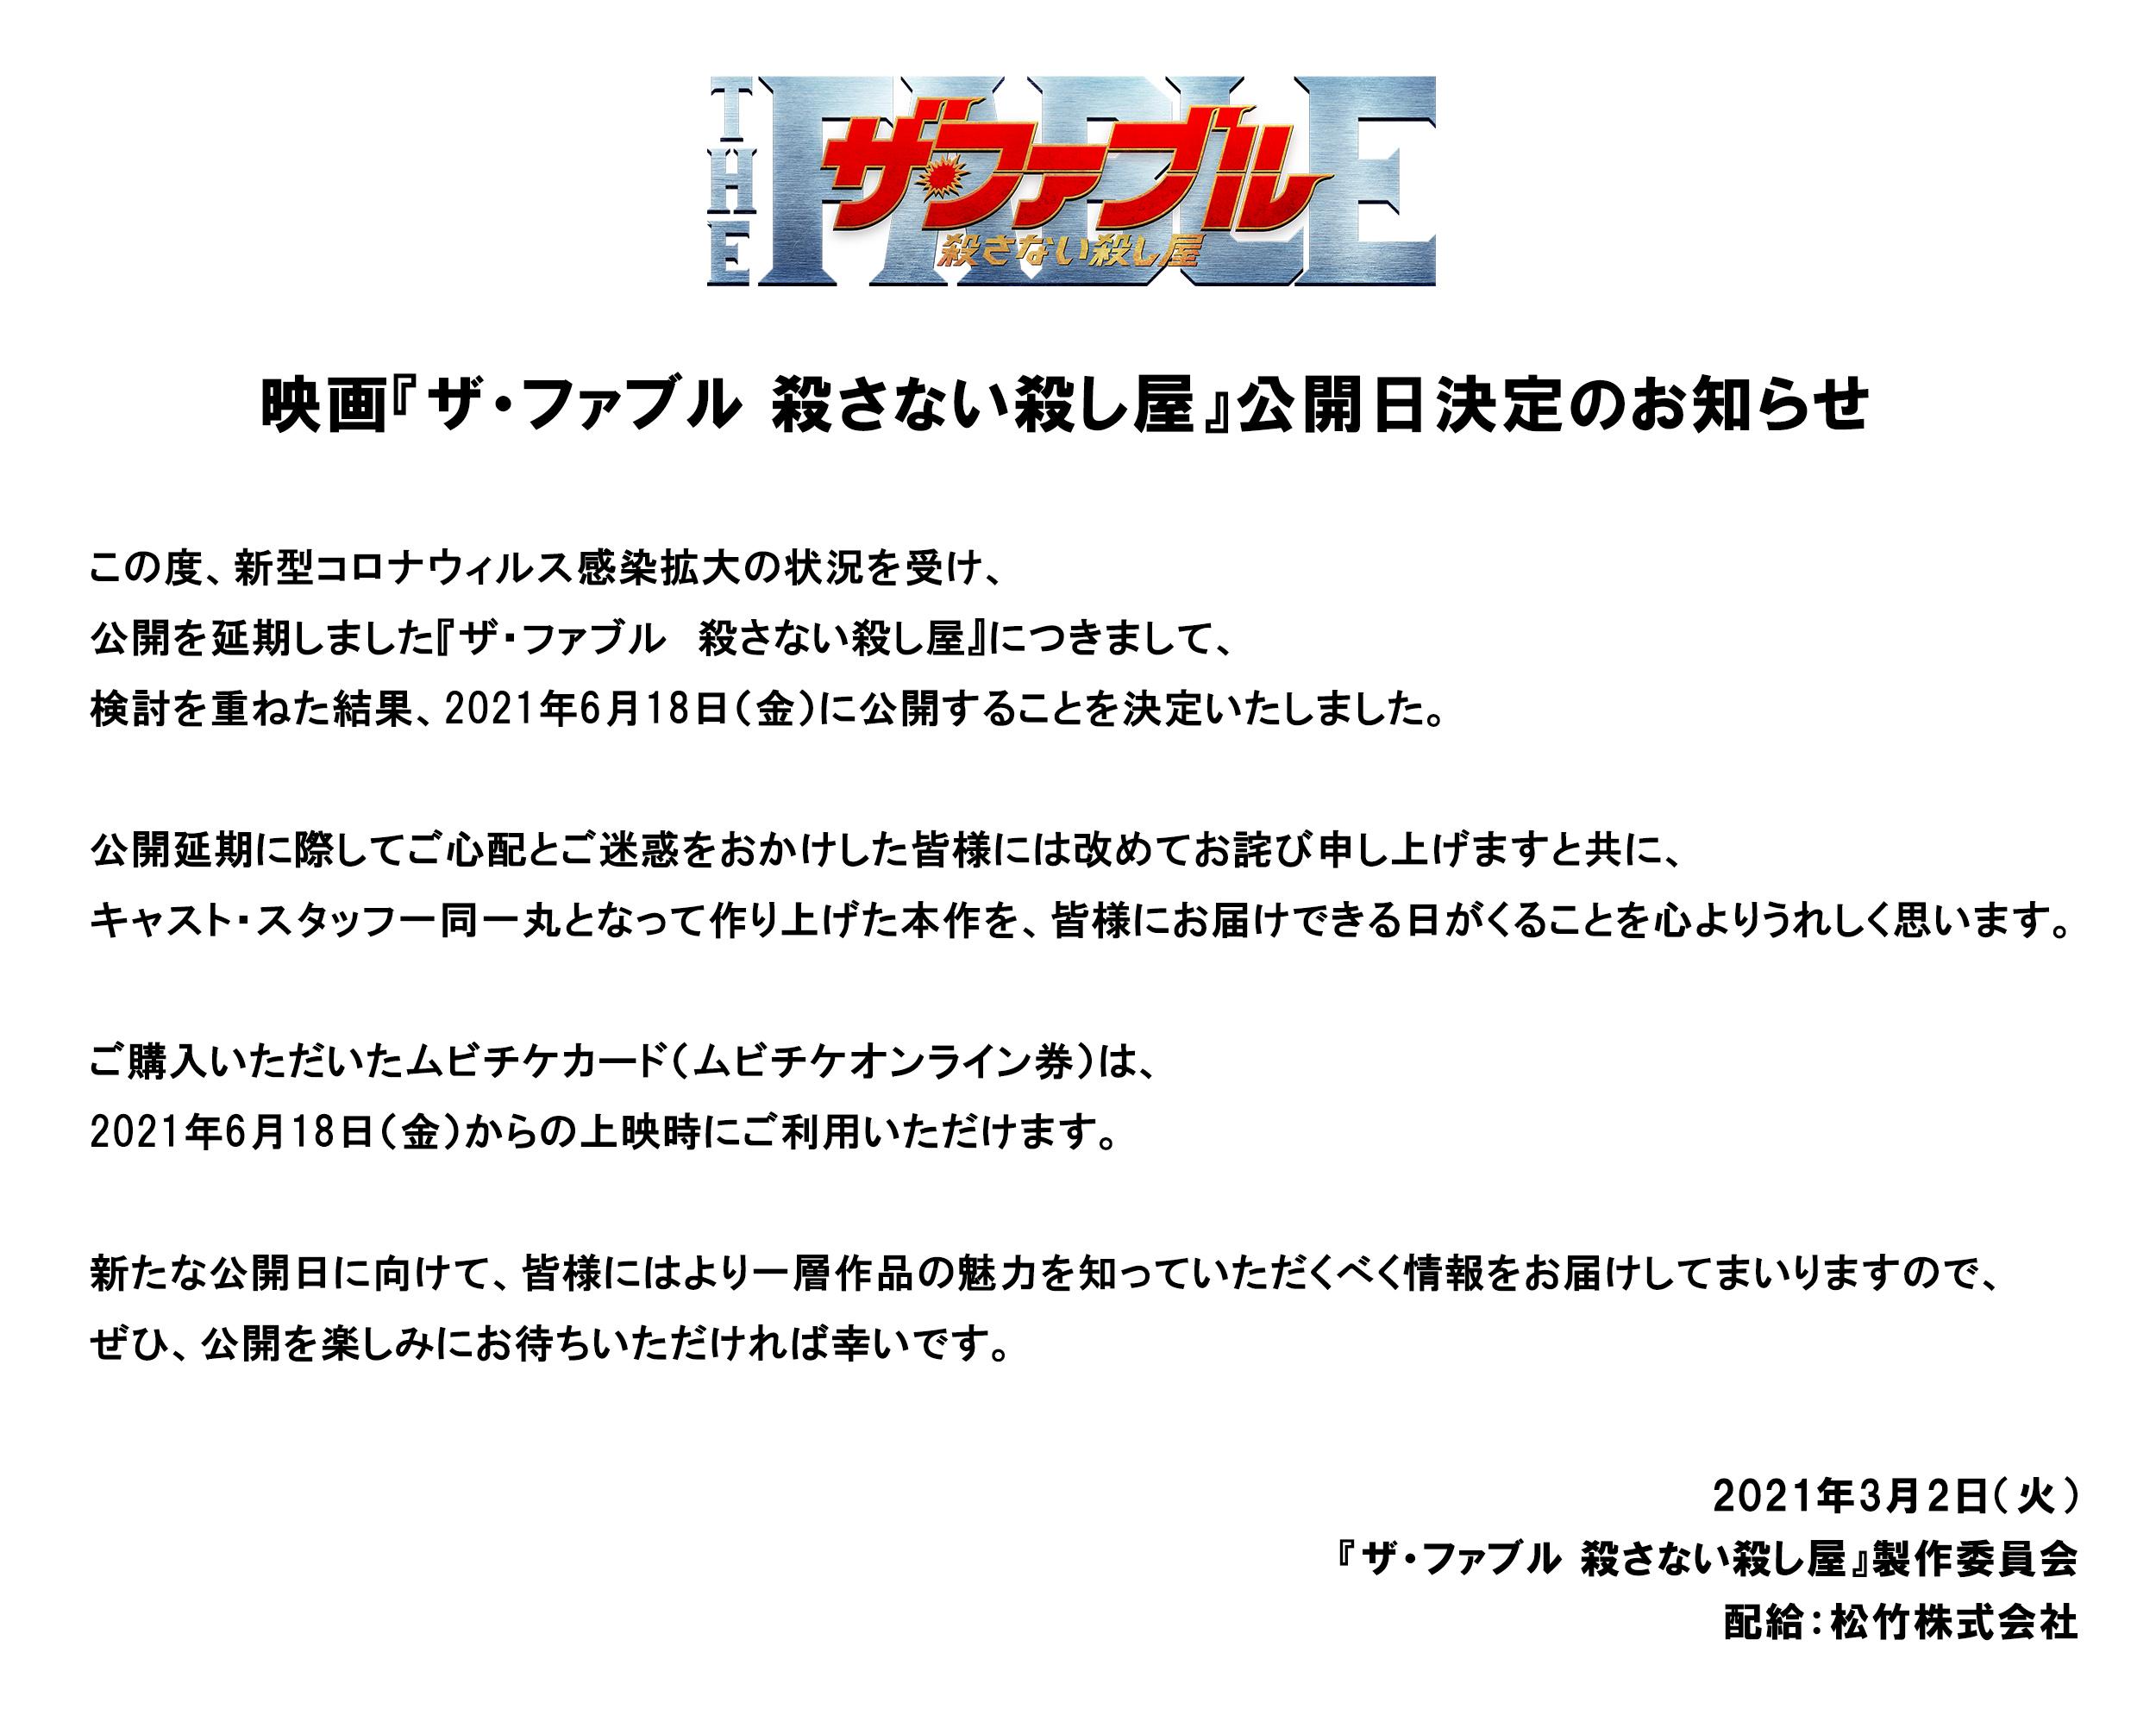 日 ファブル 2 公開 岡田准一主演『ザ・ファブル』待望の第二章 6月18日から全国公開決定!